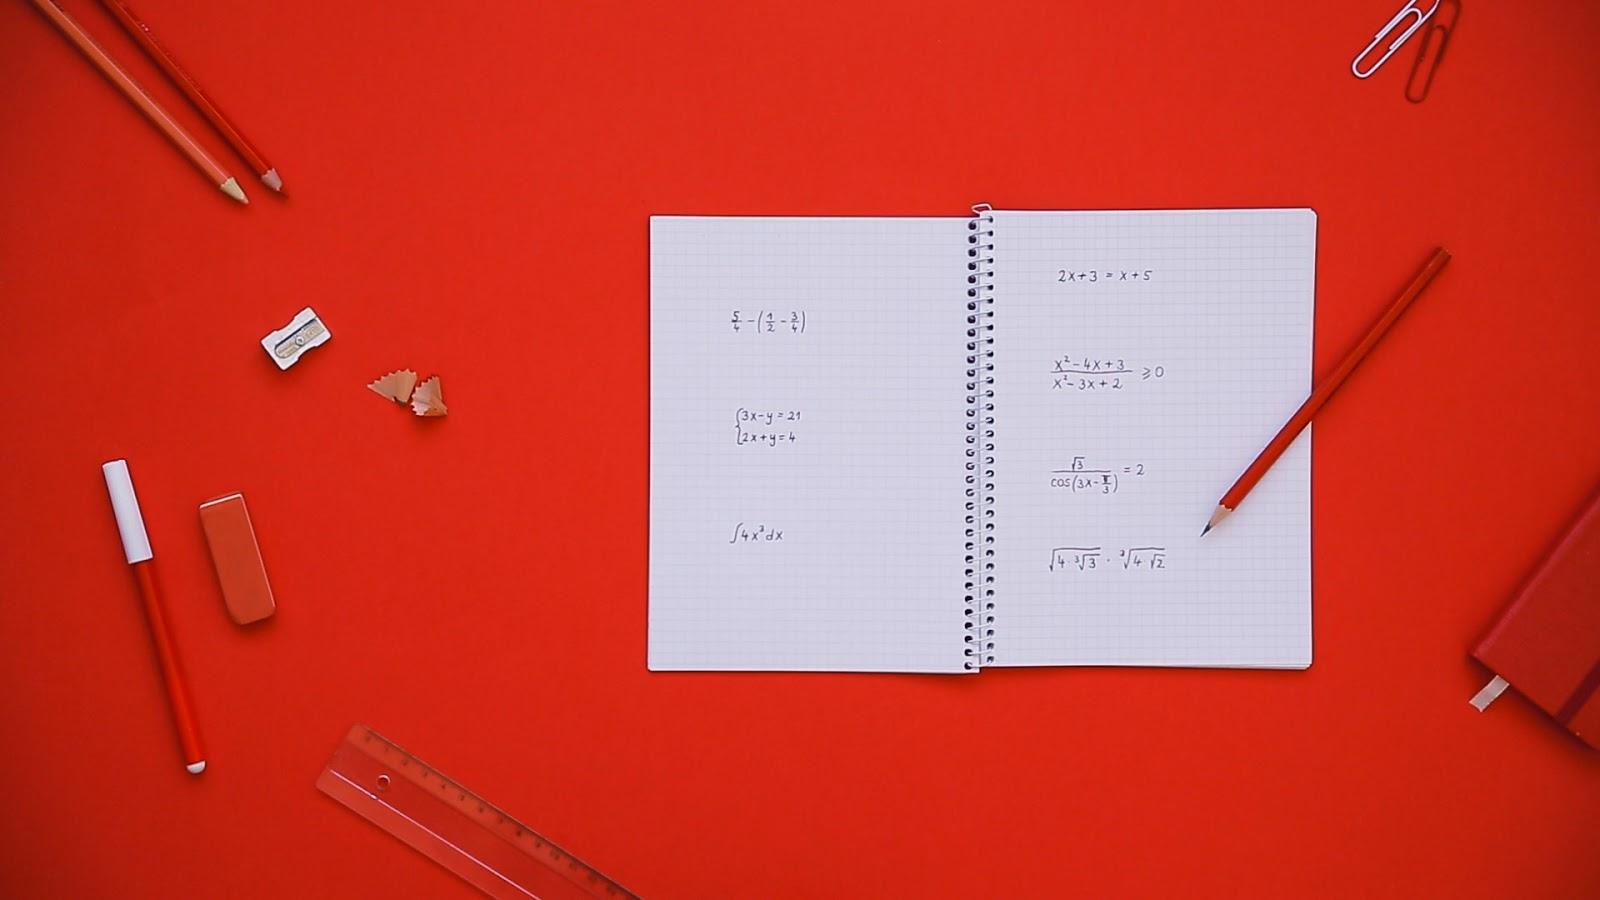 برنامج حل المعادلات الرياضية